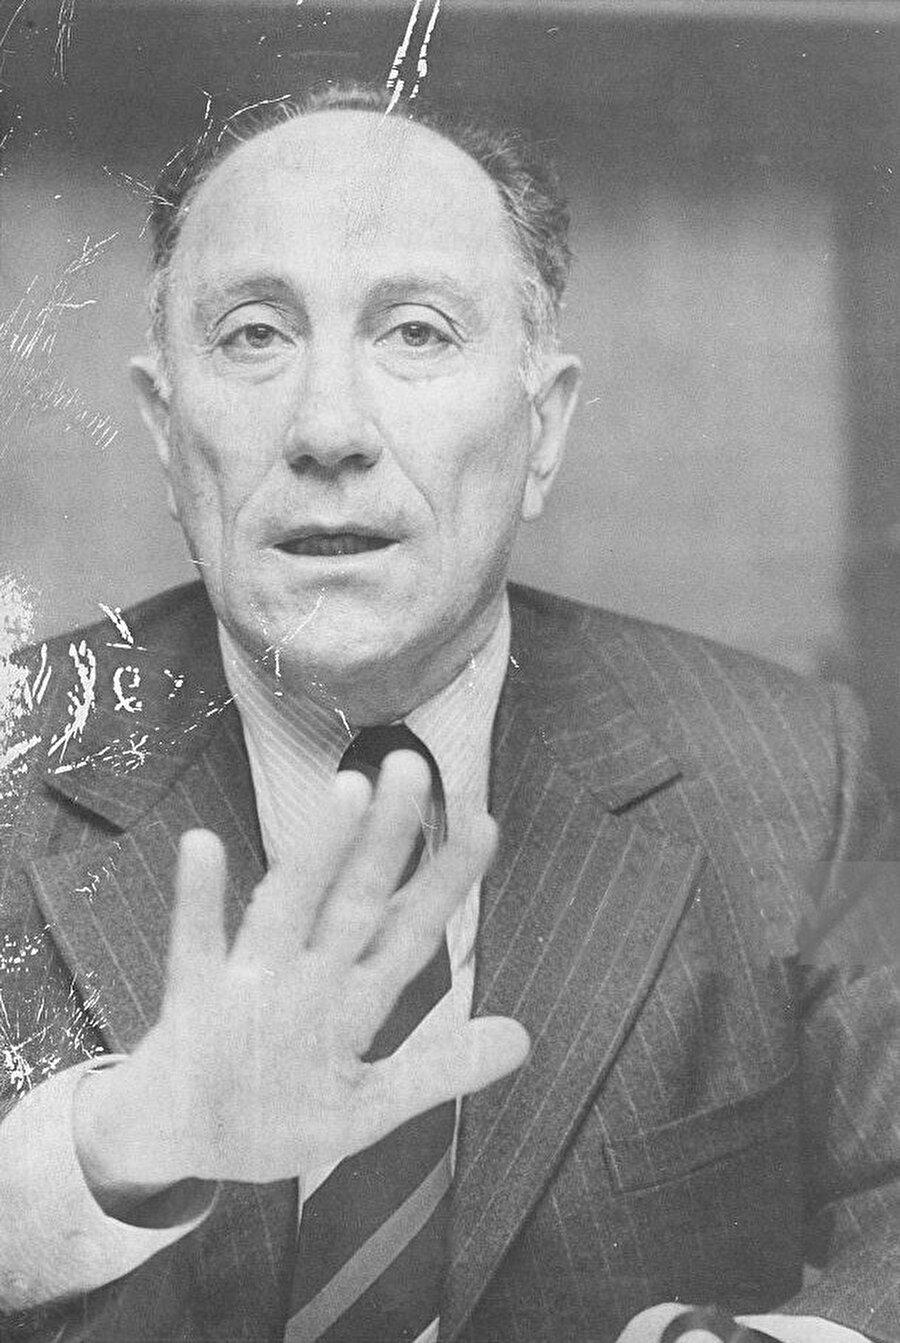 Yapılan hataların tekrarlanmasını istemyen Mossad Başkanı Meir Amit Münir'i bizzat gözlemlemişti.